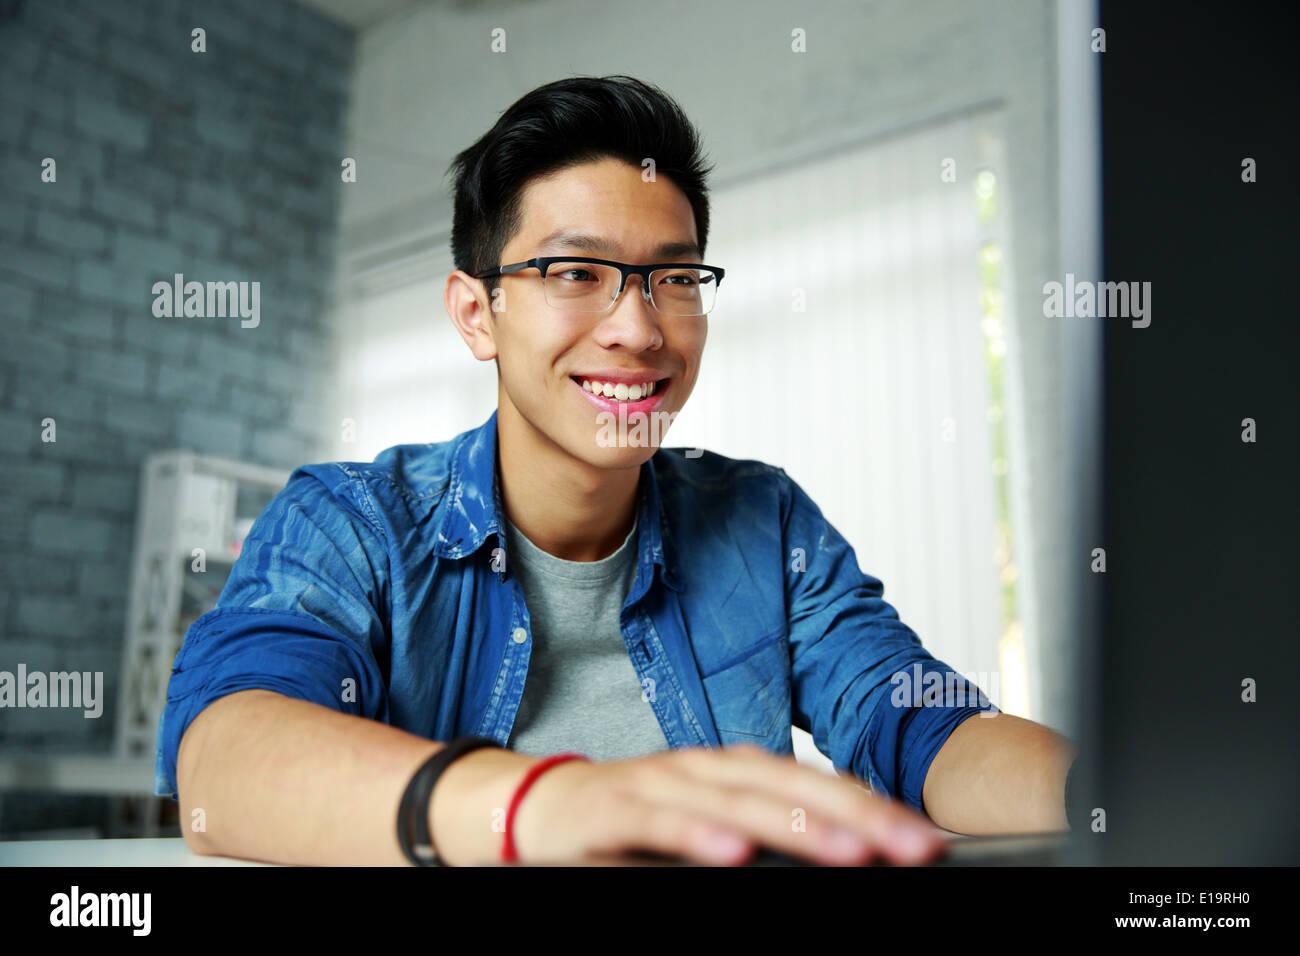 Junge asiatische glücklich arbeiten im Büro Stockbild